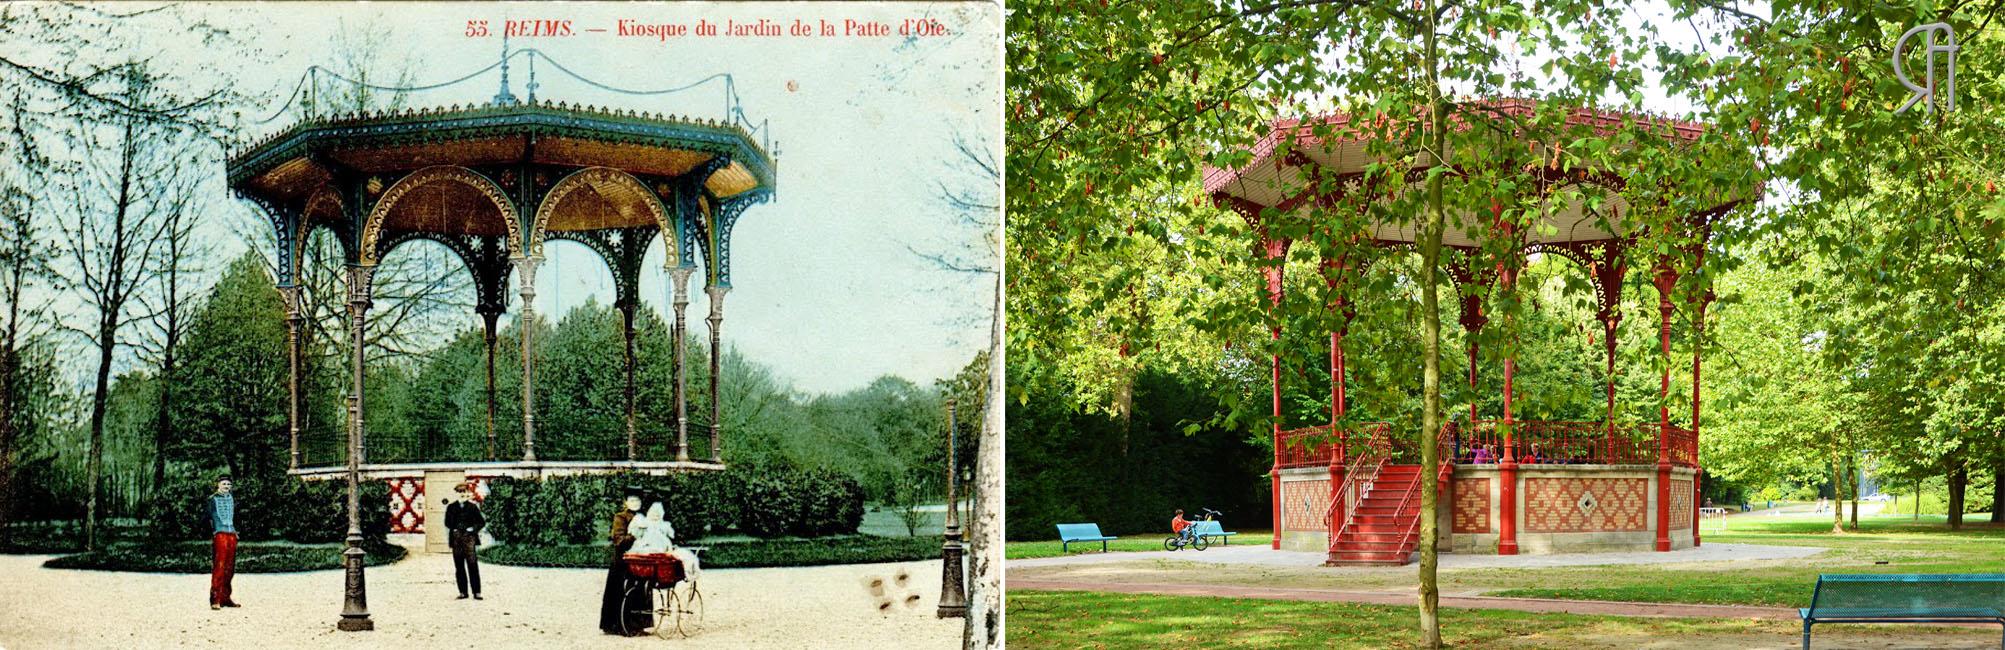 Le Kiosque du Parc de la Patte d'Oie